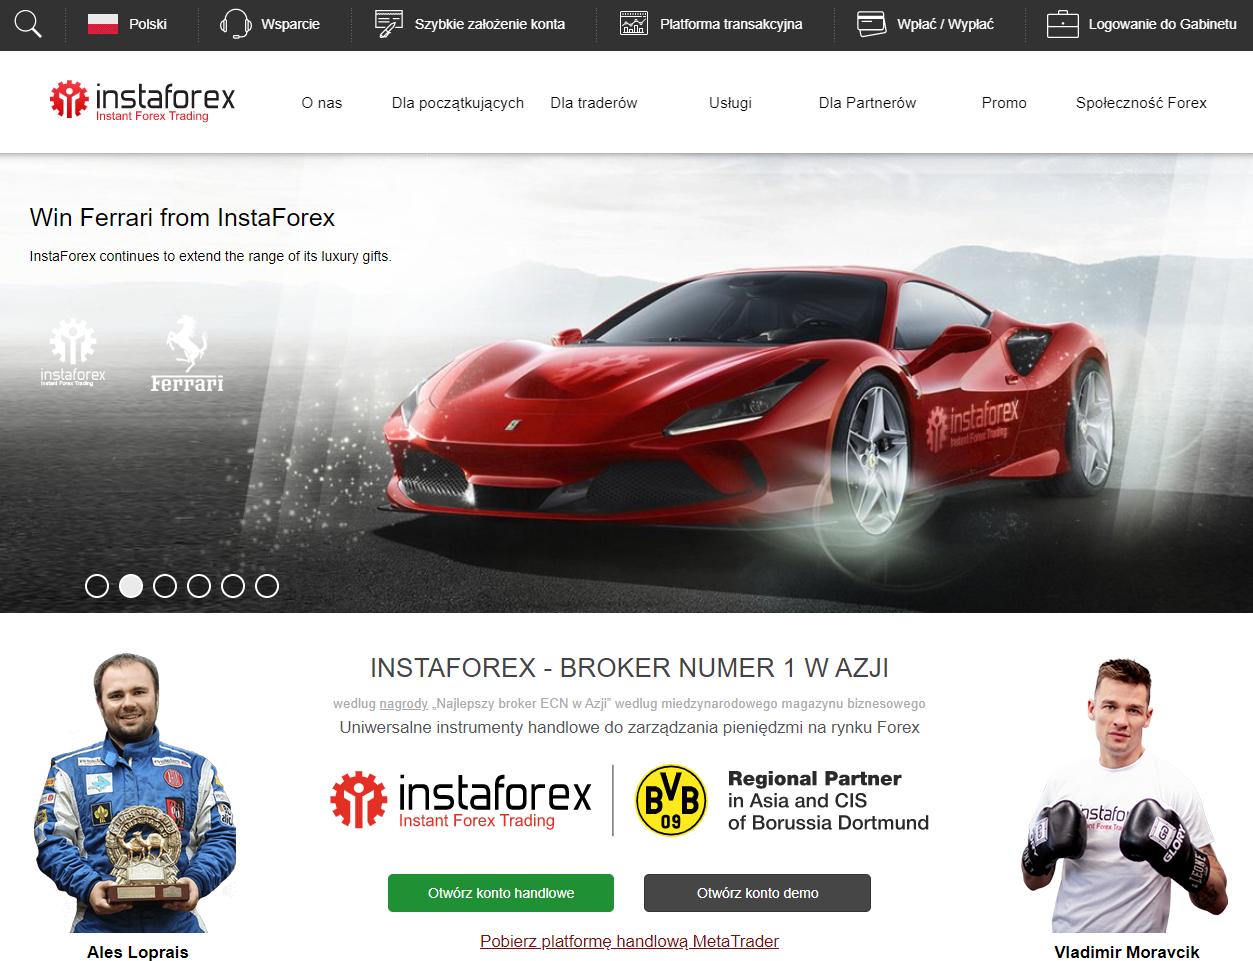 Instaforex broker: Opis, recenzje